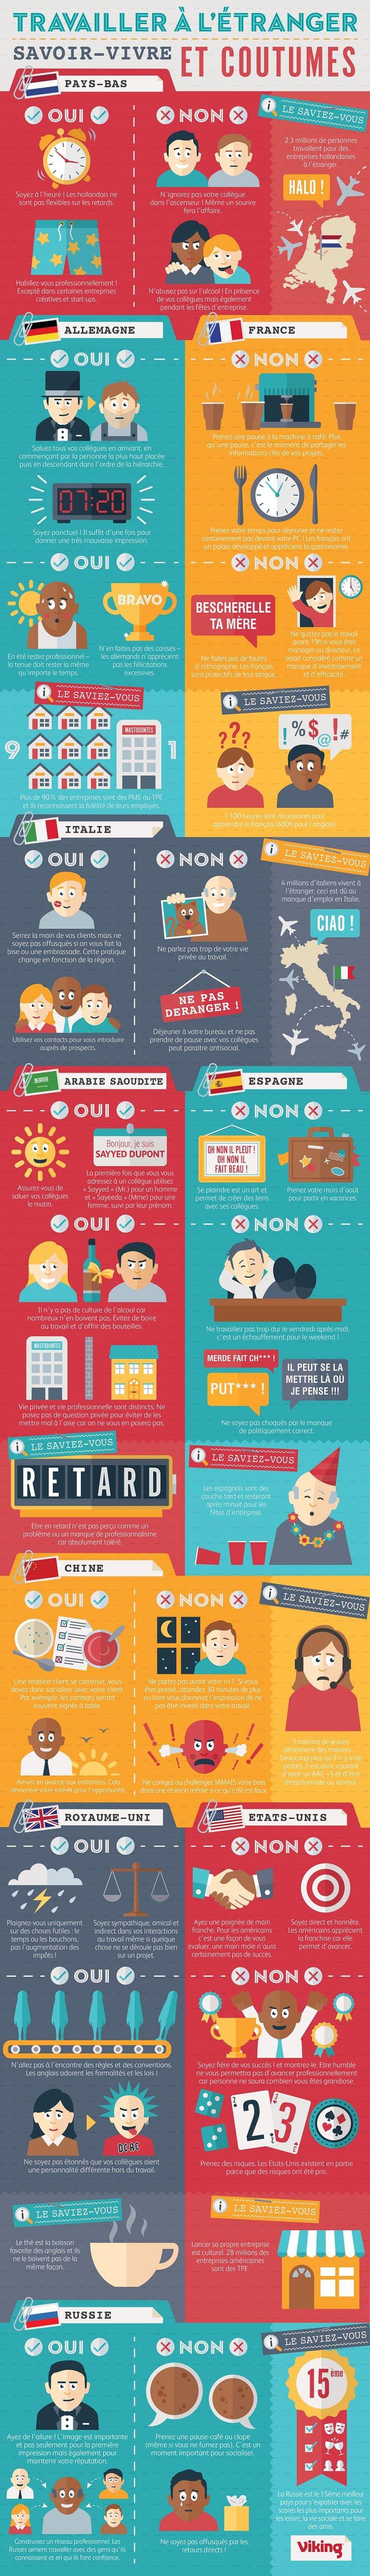 10 pays, 10 ambiances de bureau : quel pays vous correspond le mieux selon votre comportement au travail